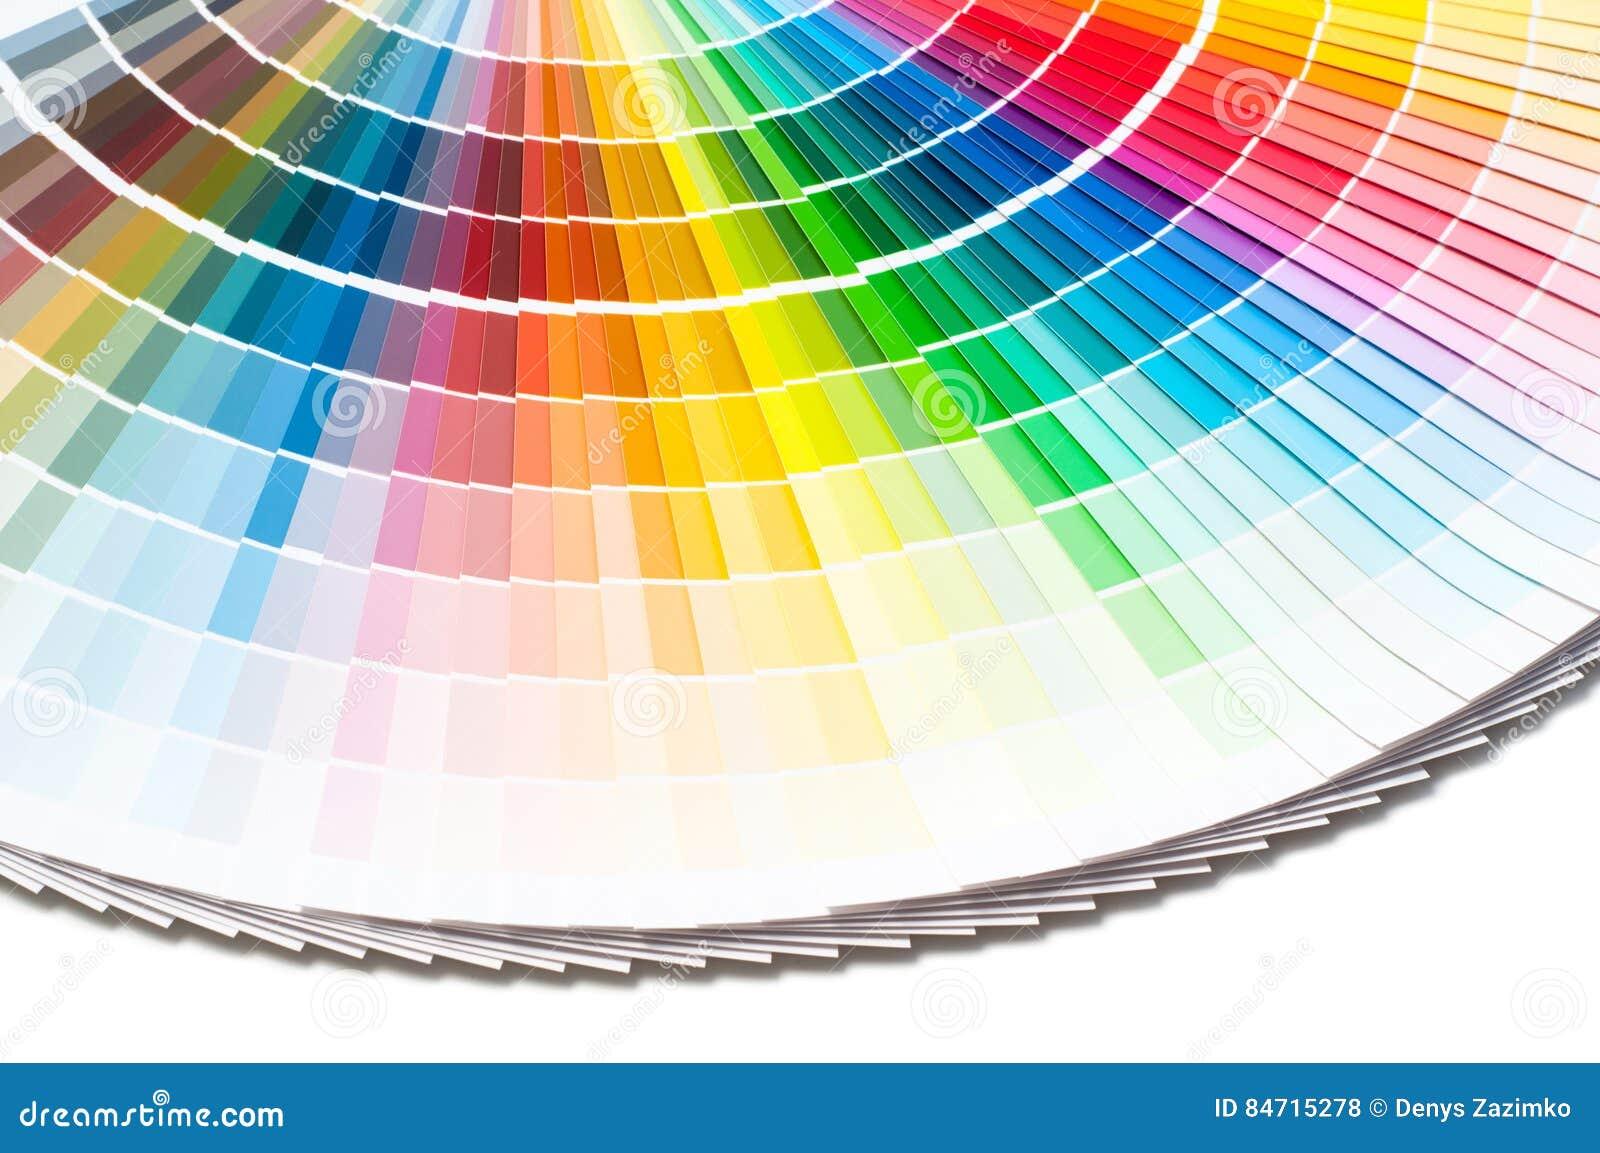 Colorez La Palette Ral, Guide De Couleur, Les échantillons De Peinture,  Catalogue De Couleur Sur Le Backround Blanc